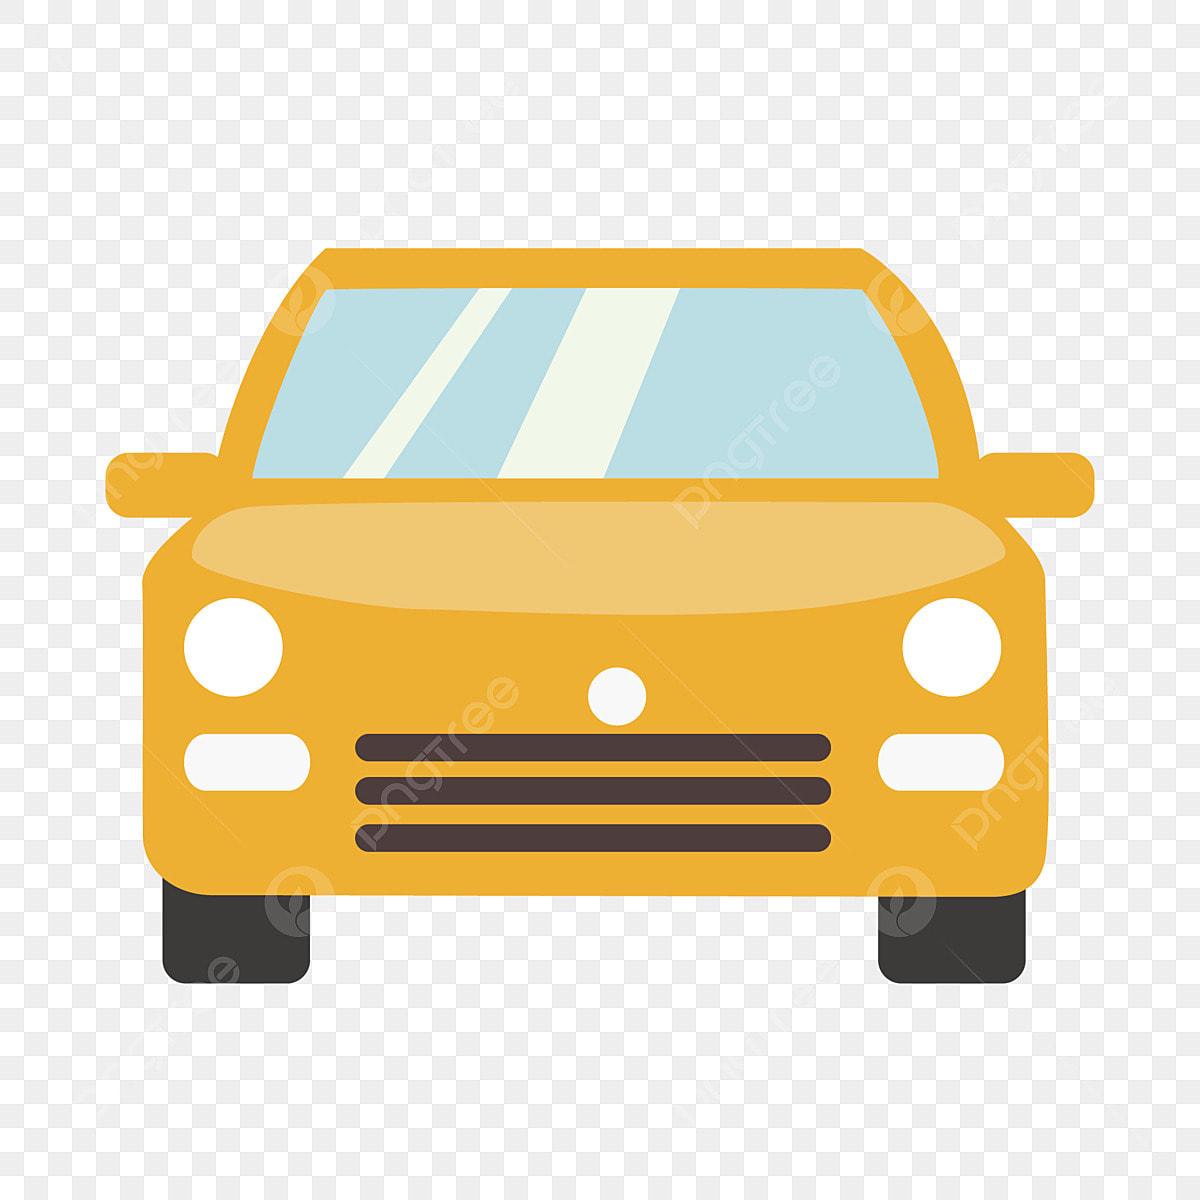 Projeto Simples Dos Desenhos Animados Do Carro Amarelo Caricatura